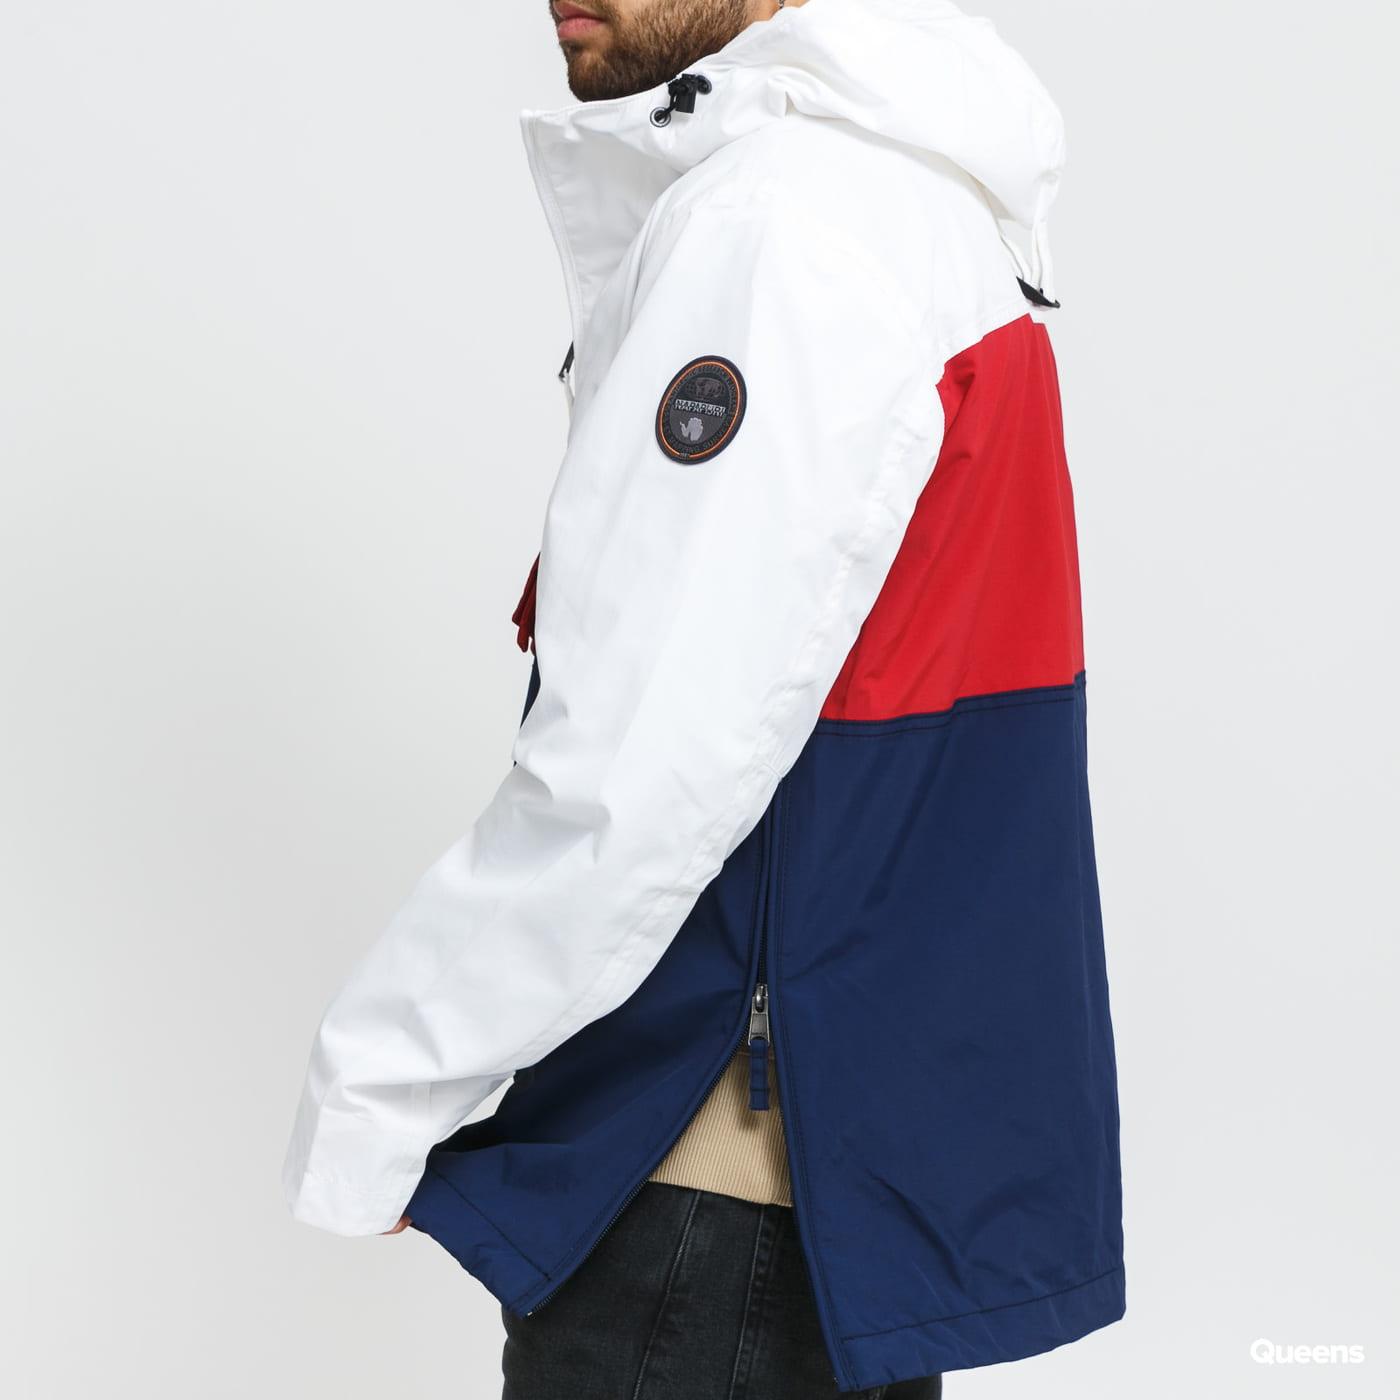 NAPAPIJRI Rainforest S Block 1 Jacket white / navy / bordeaux